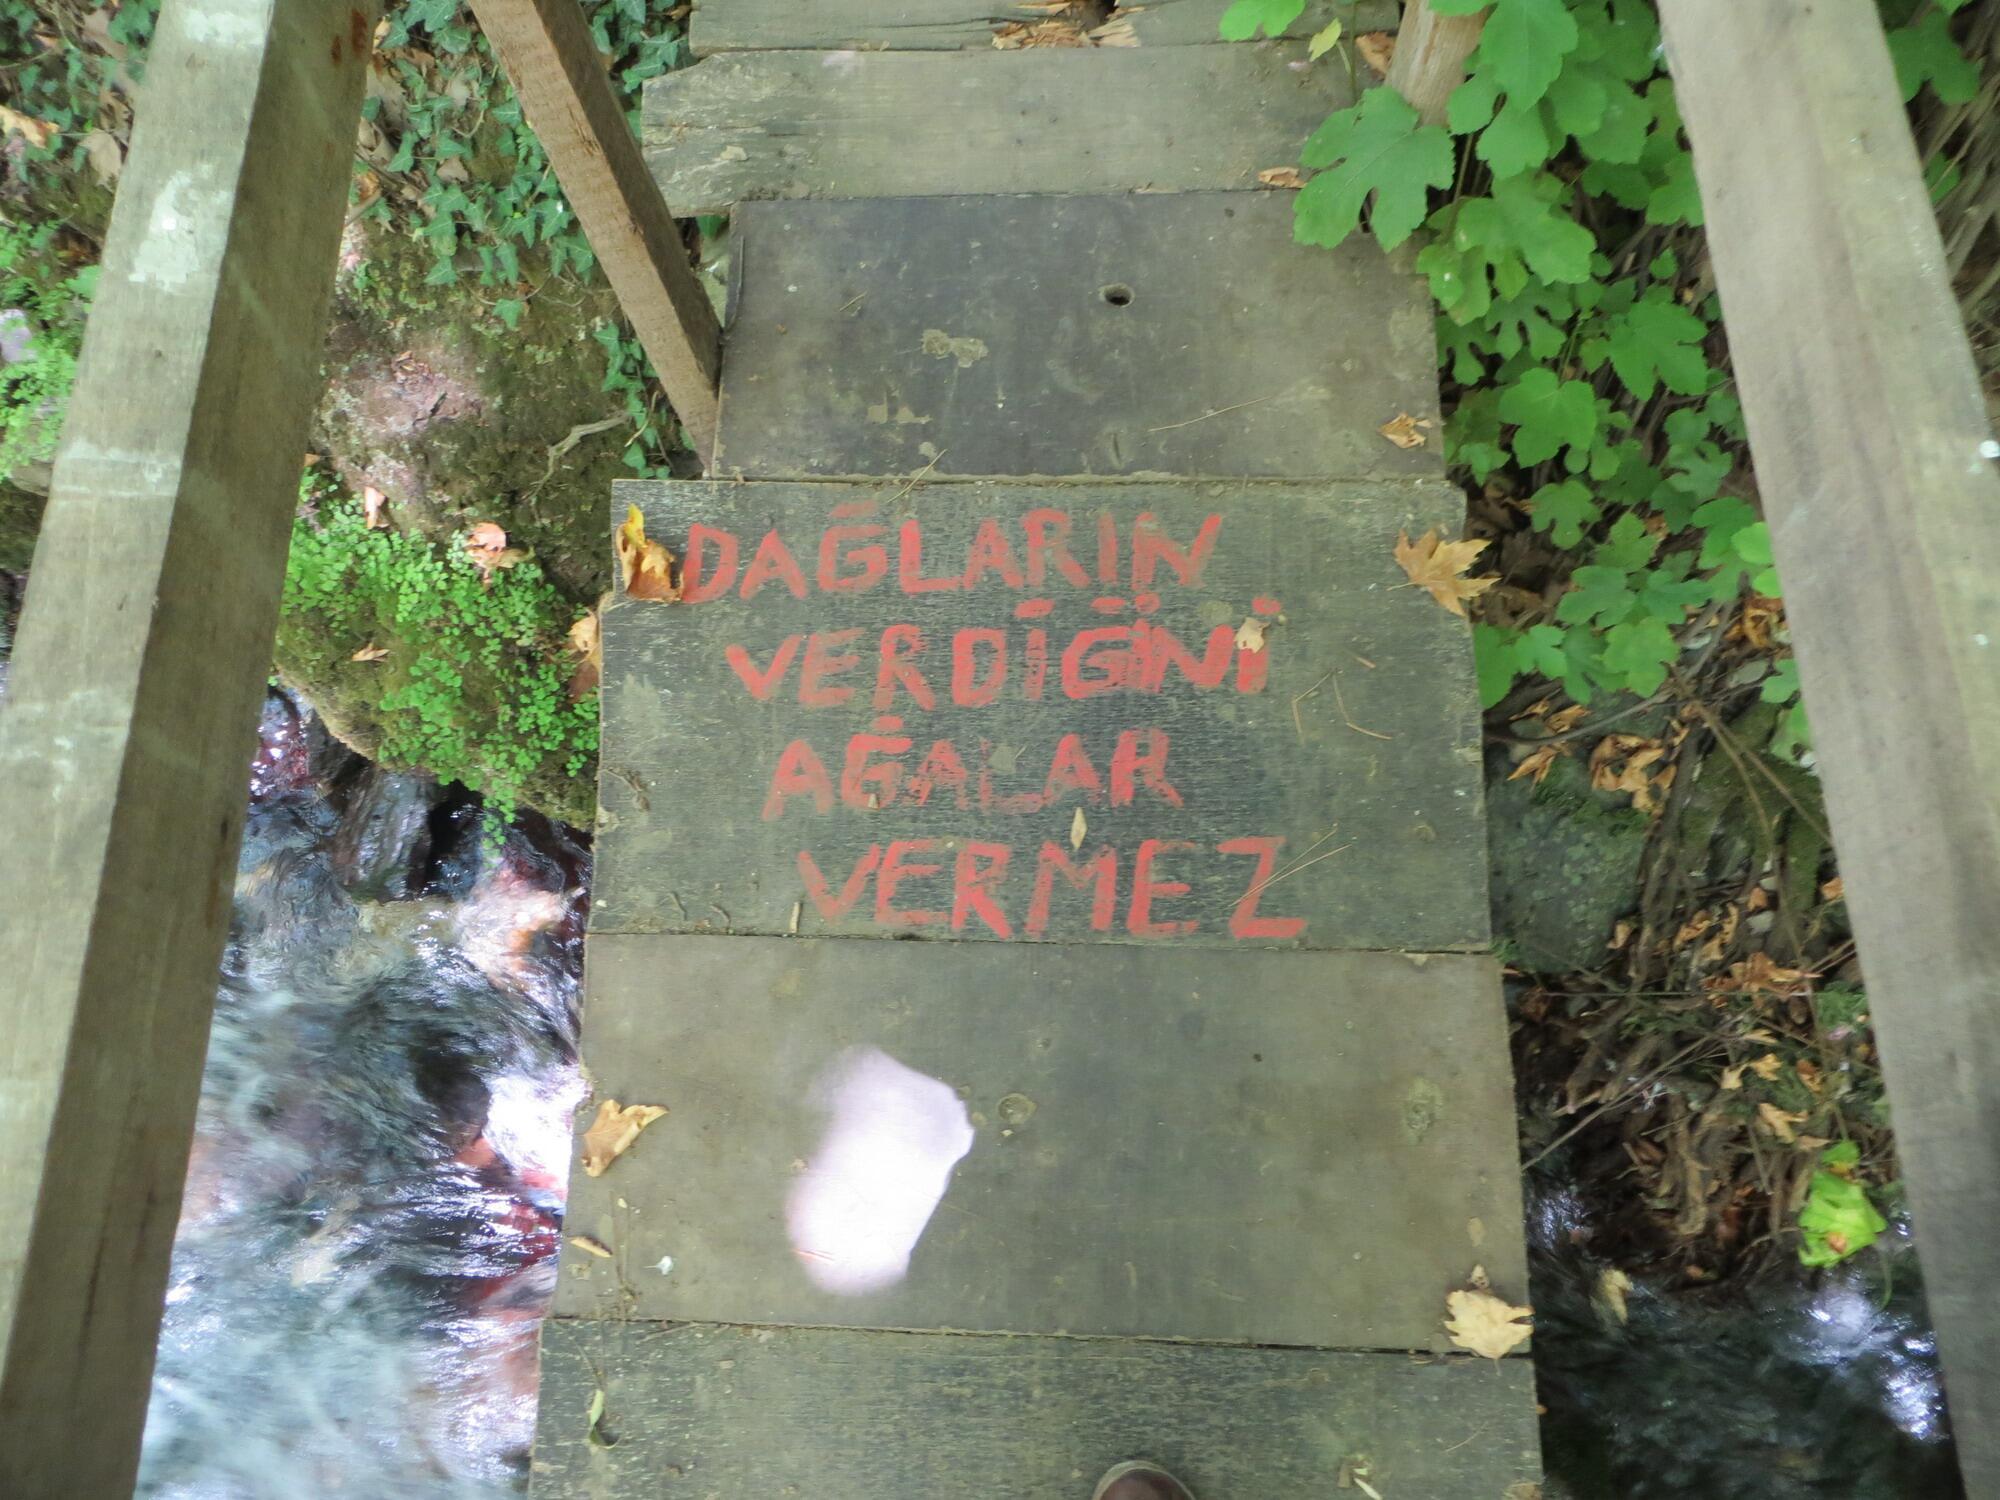 Kaz Dağları, küçük bir su köprüsü üstüne yazılmış...'Dağların Verdiğini Ağalar Vermez' http://t.co/Lc359ow53T